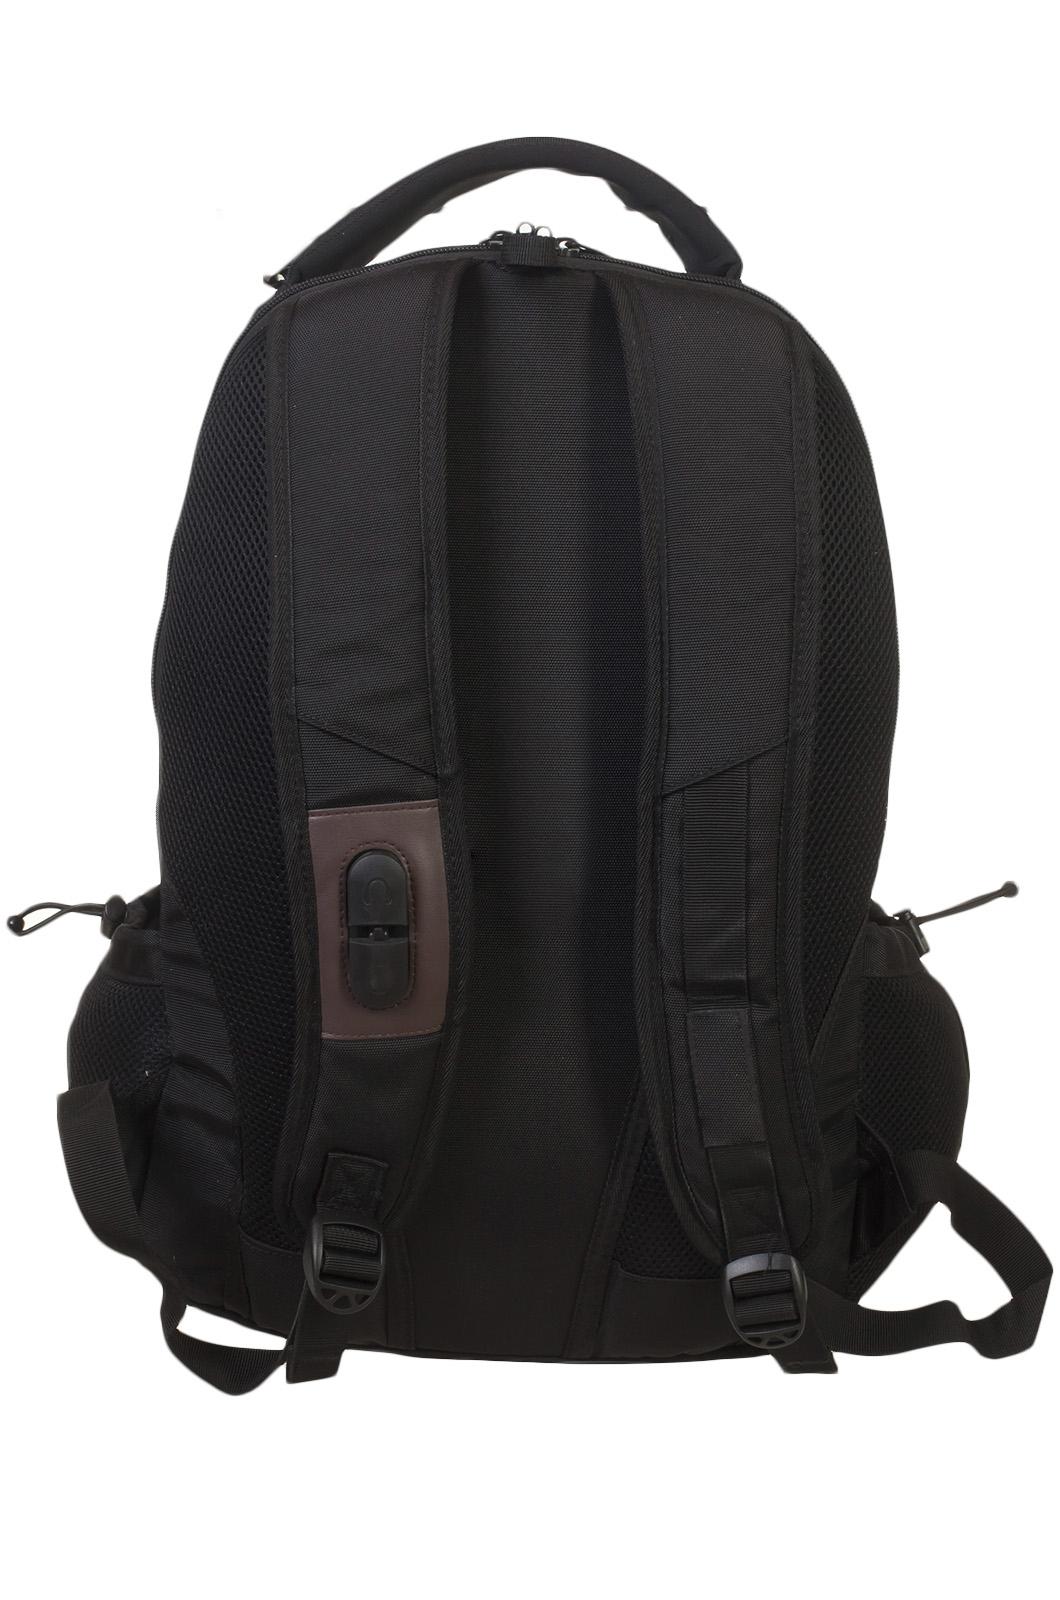 Универсальный вместительный рюкзак с нашивкой ФСПП - заказать оптом